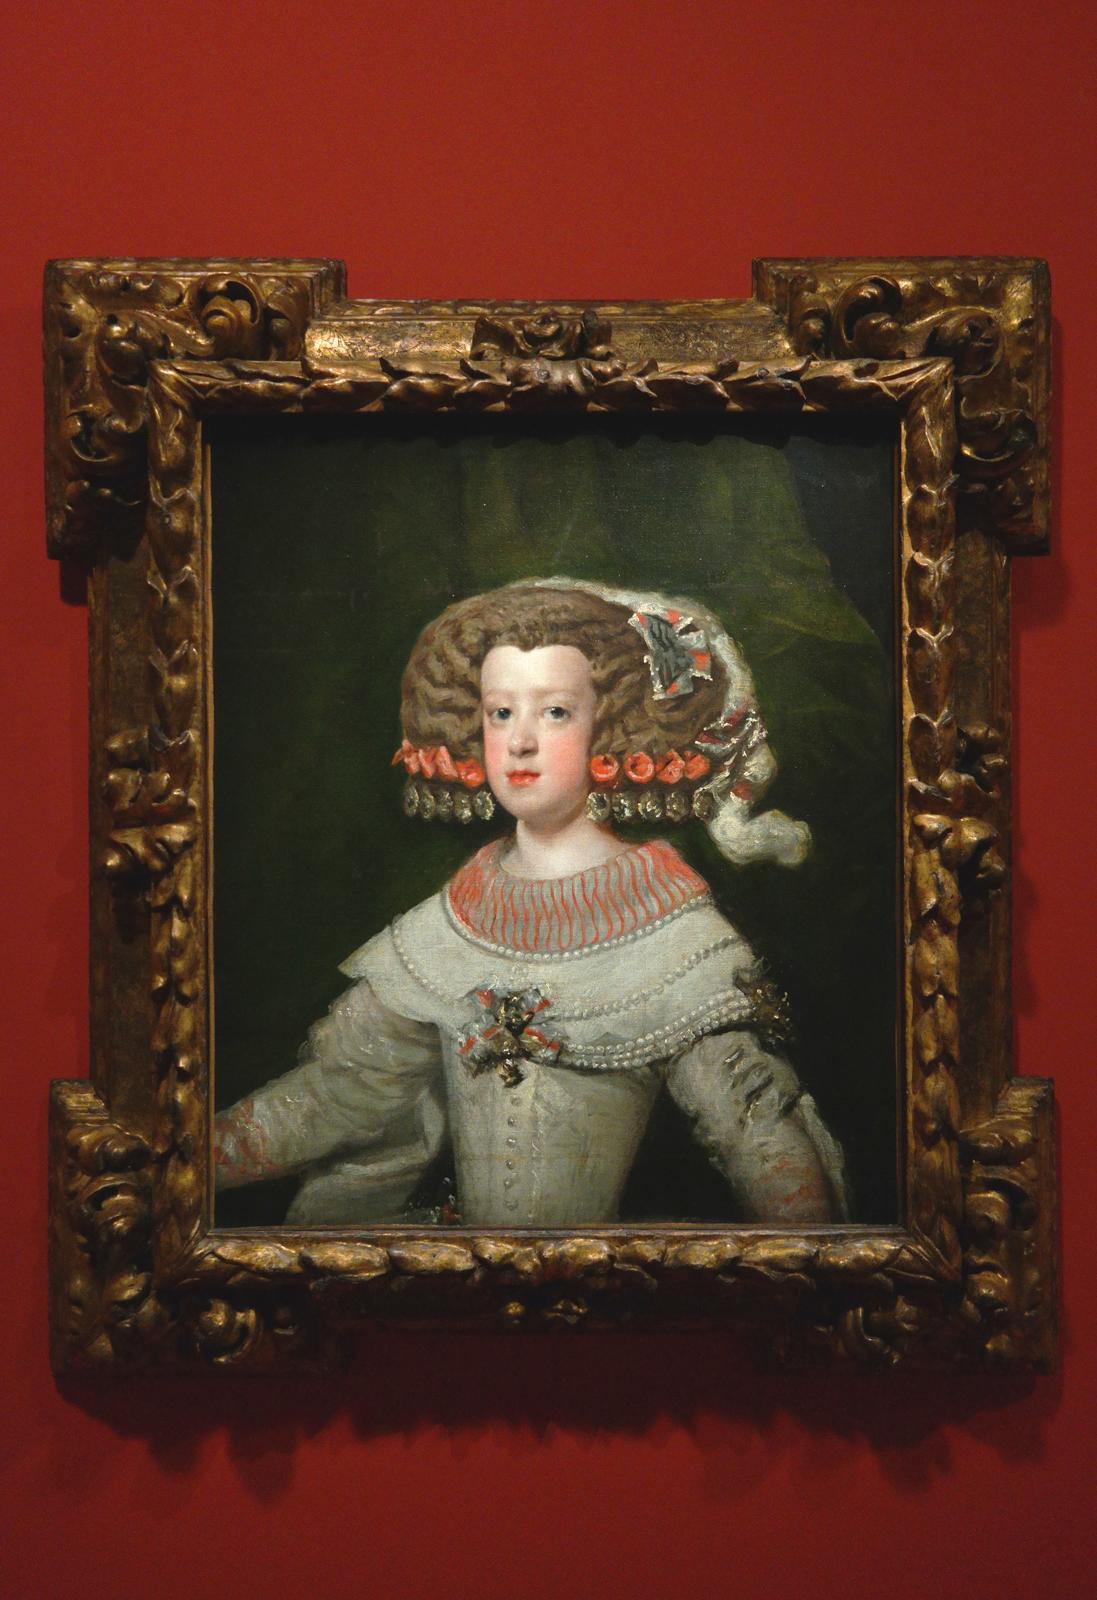 Portrait de l'infante Marie-Thérèse, vers 1653, Atelier de Diego Velazquez, Paris, Musée du Louvre